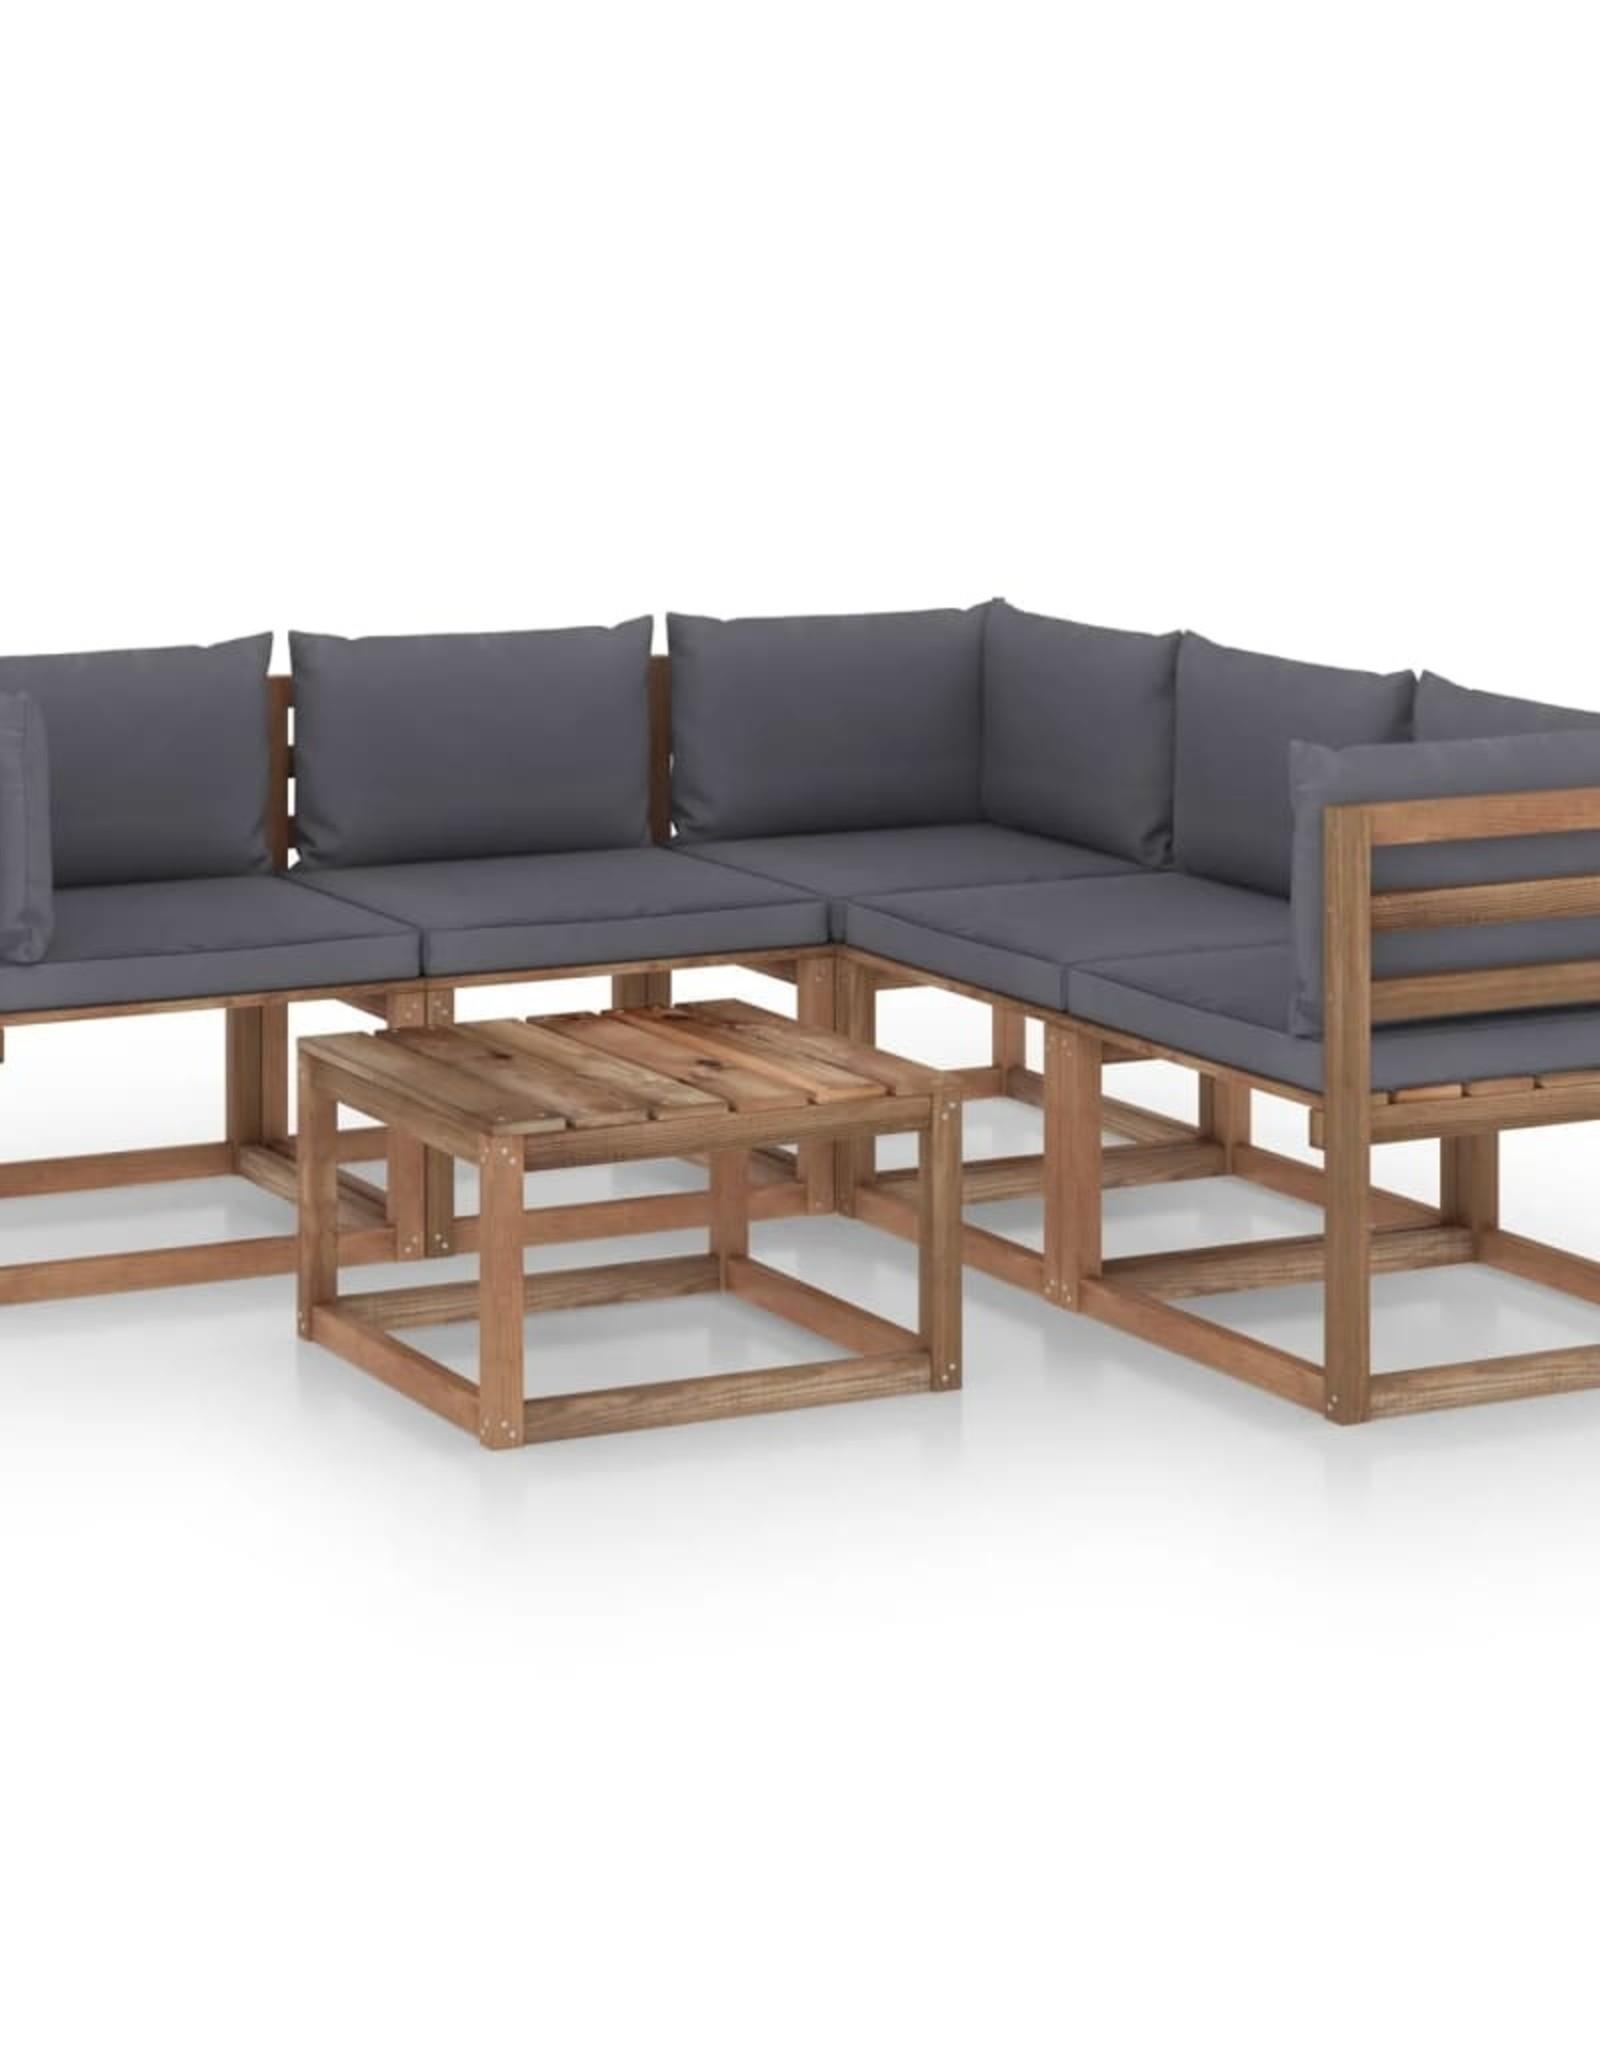 6-delige Loungeset met antracietkleurige kussens grenenhout